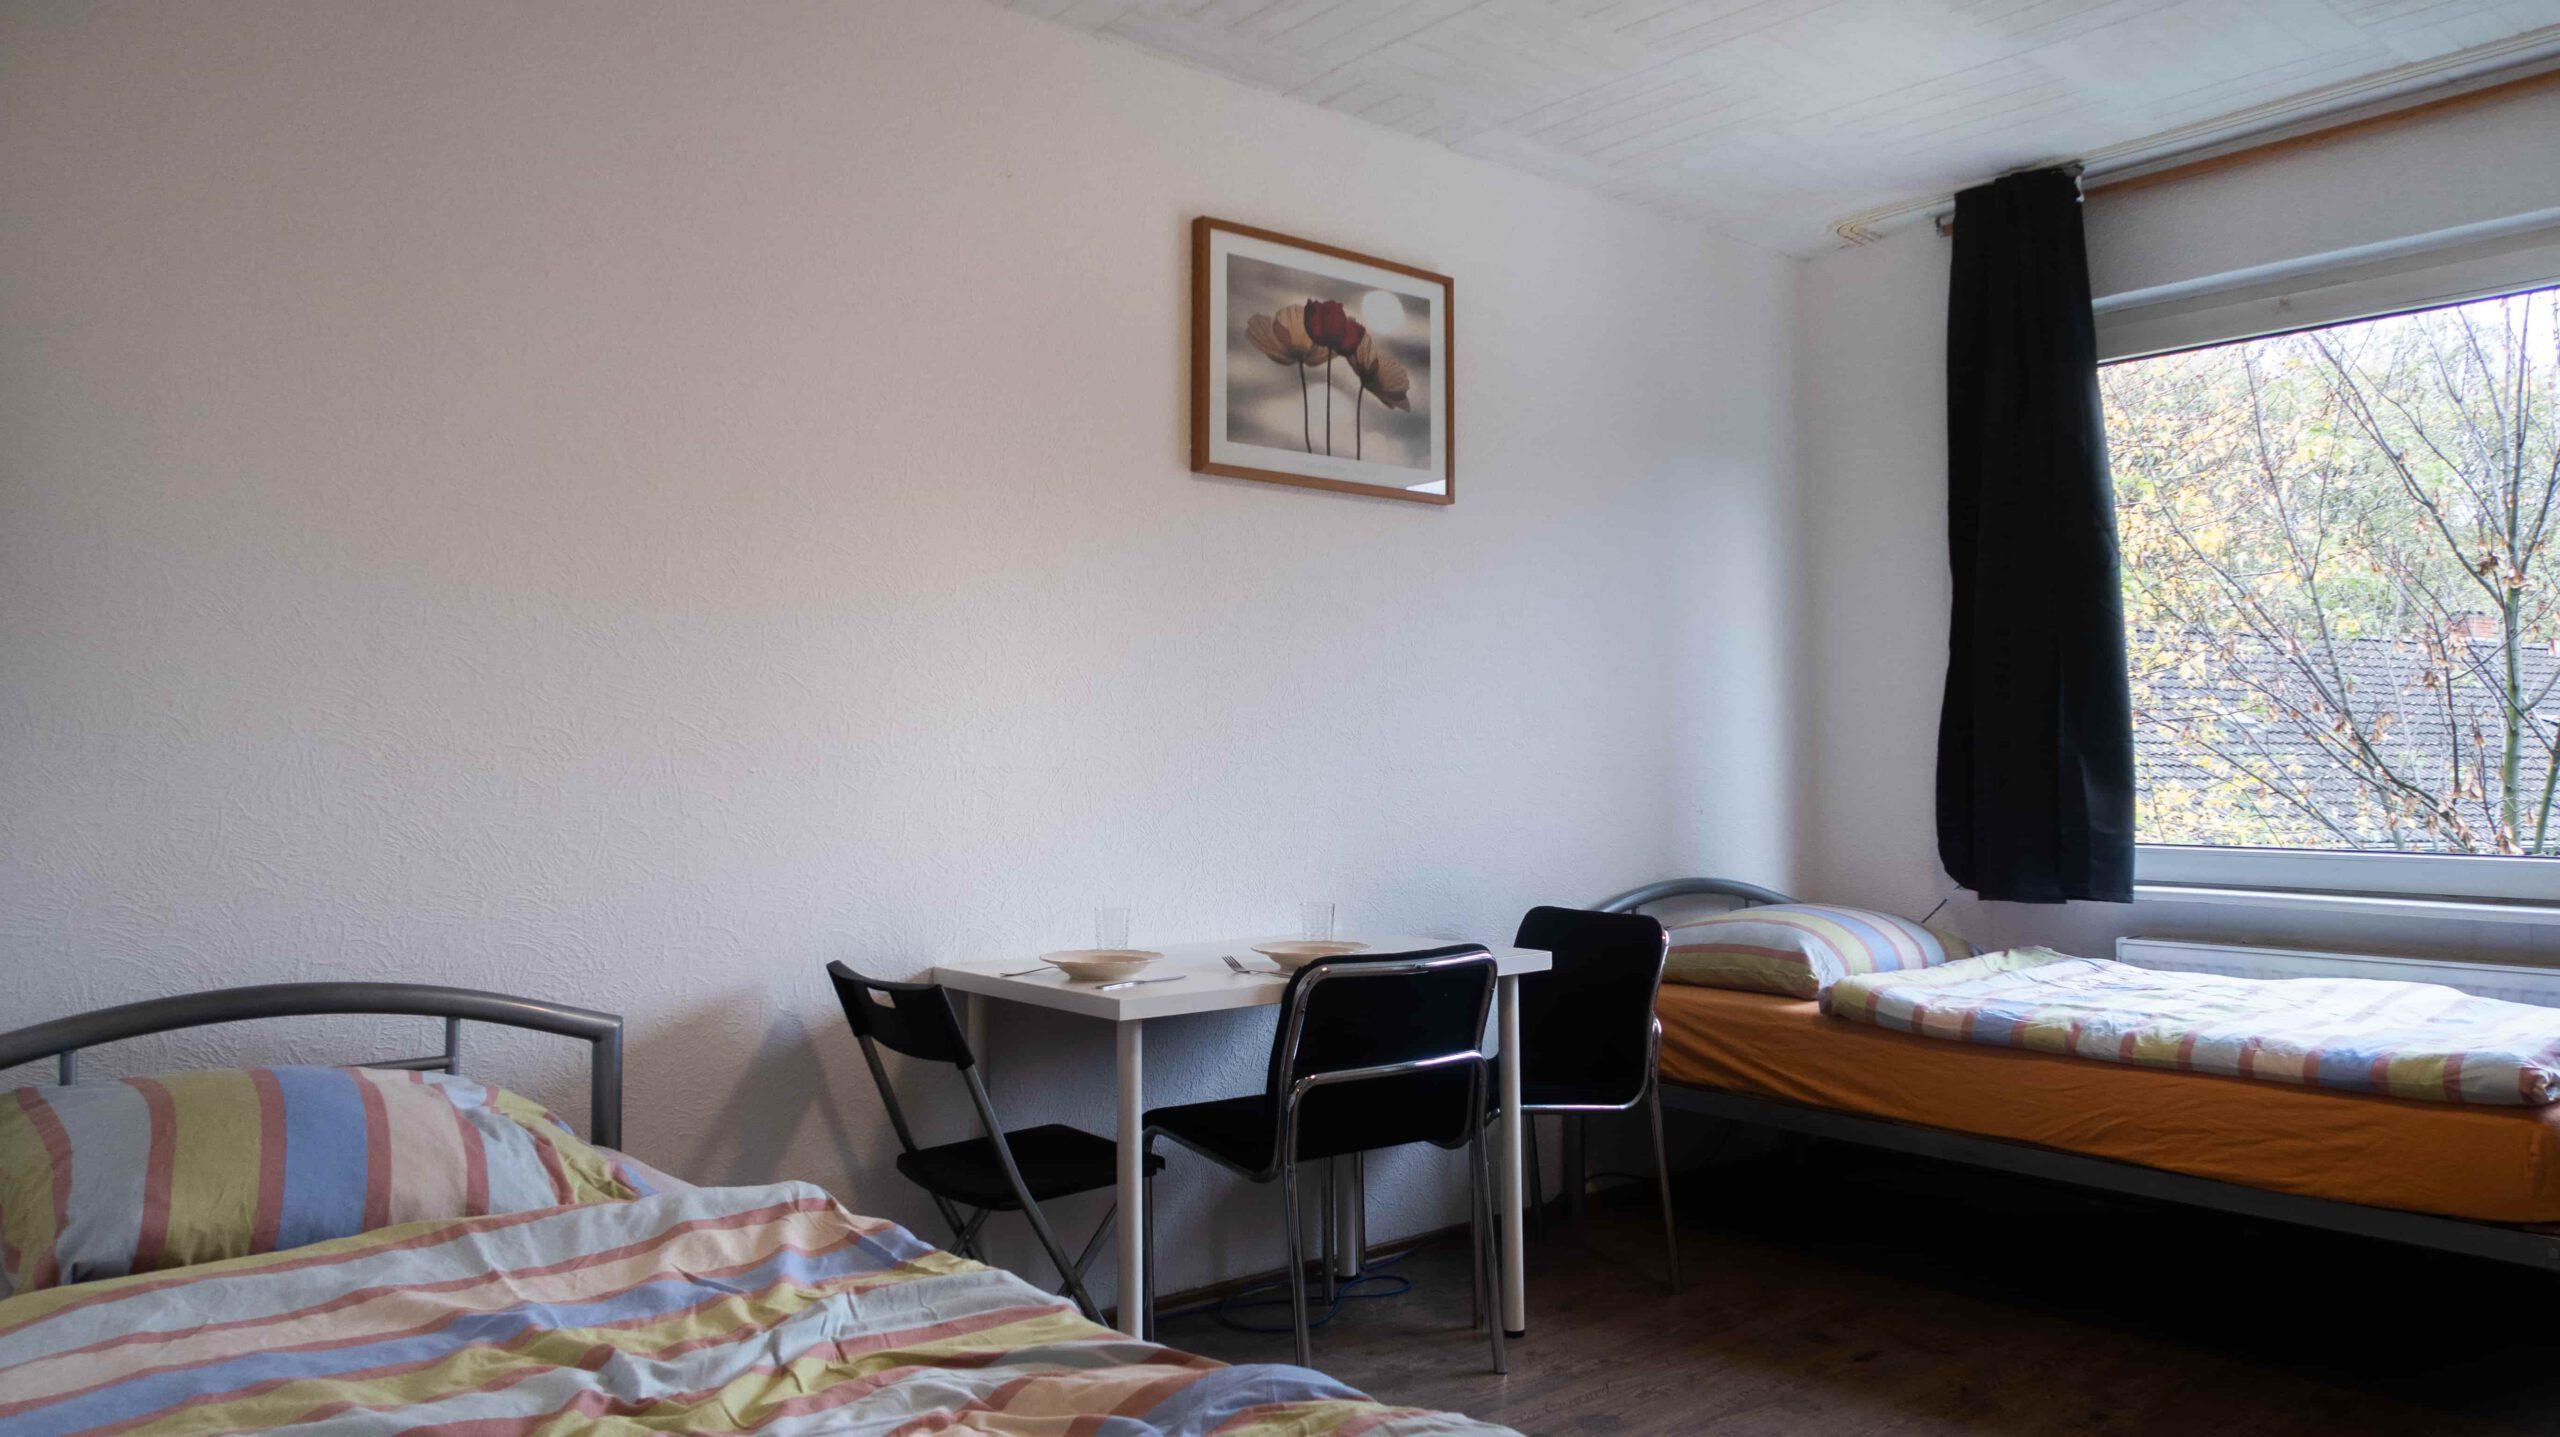 monteurzimmer zwei betten mit tisch im zimmer